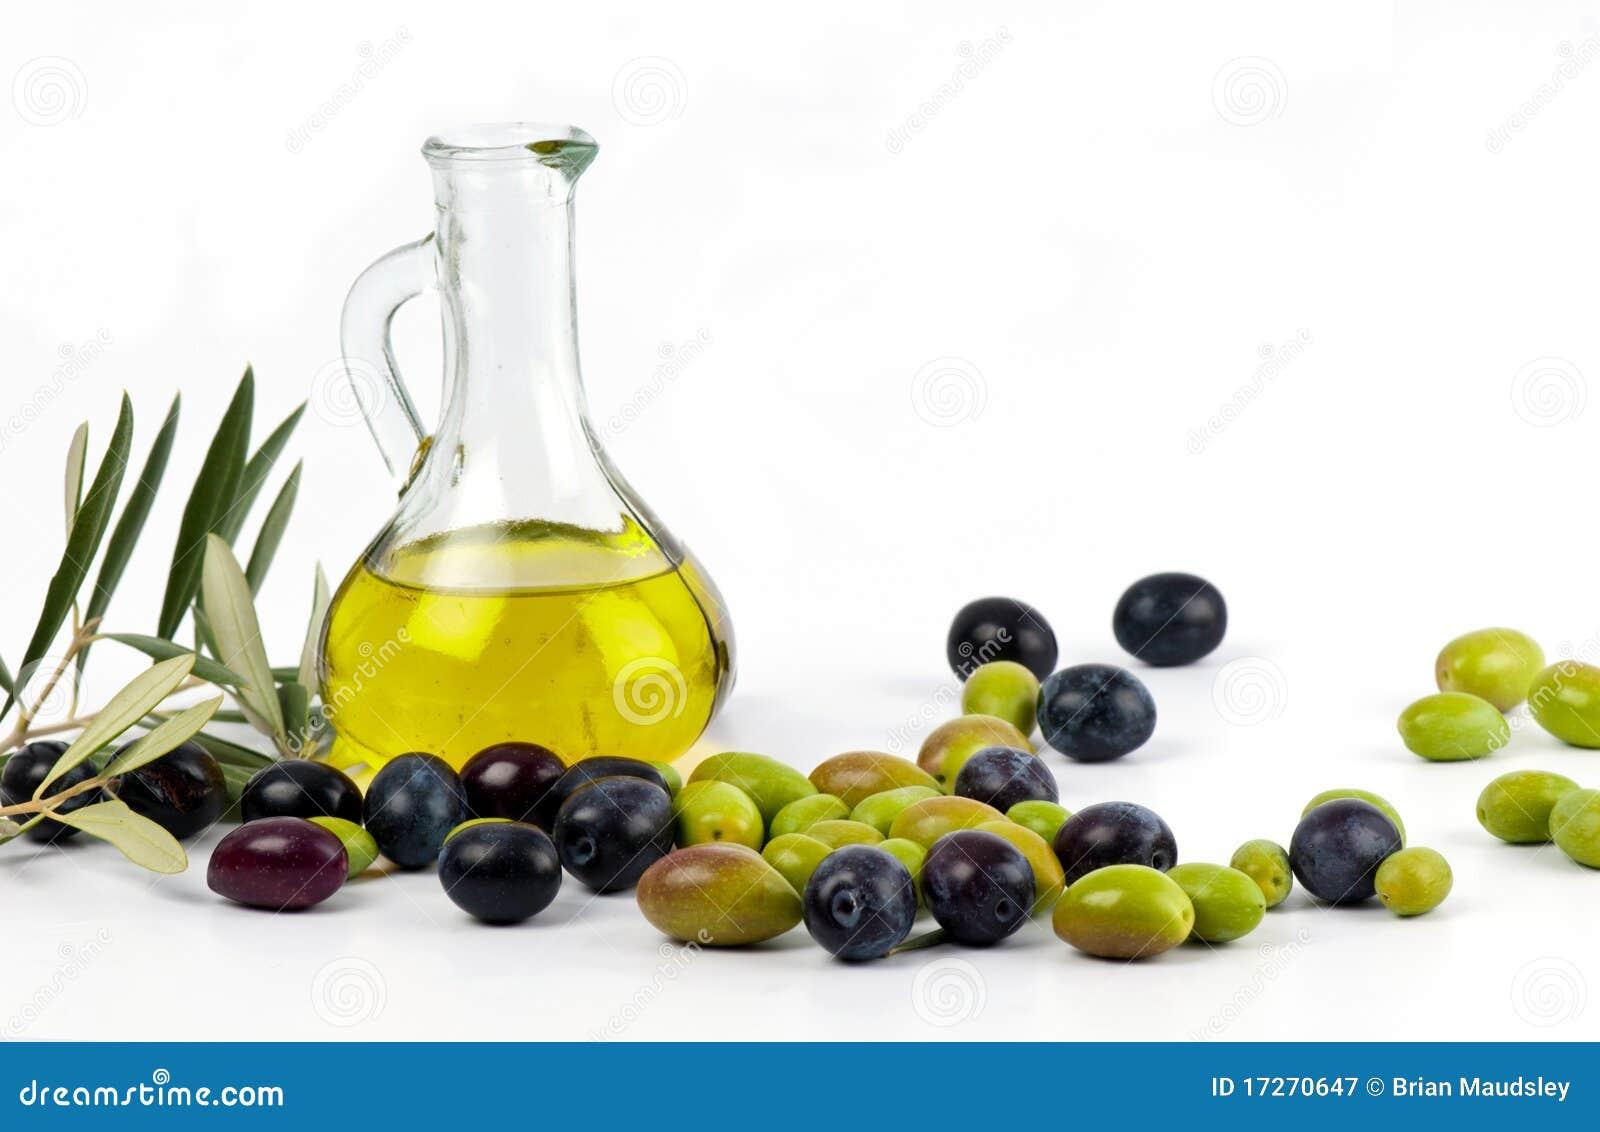 Aceite de oliva virginal adicional con las aceitunas frescas.